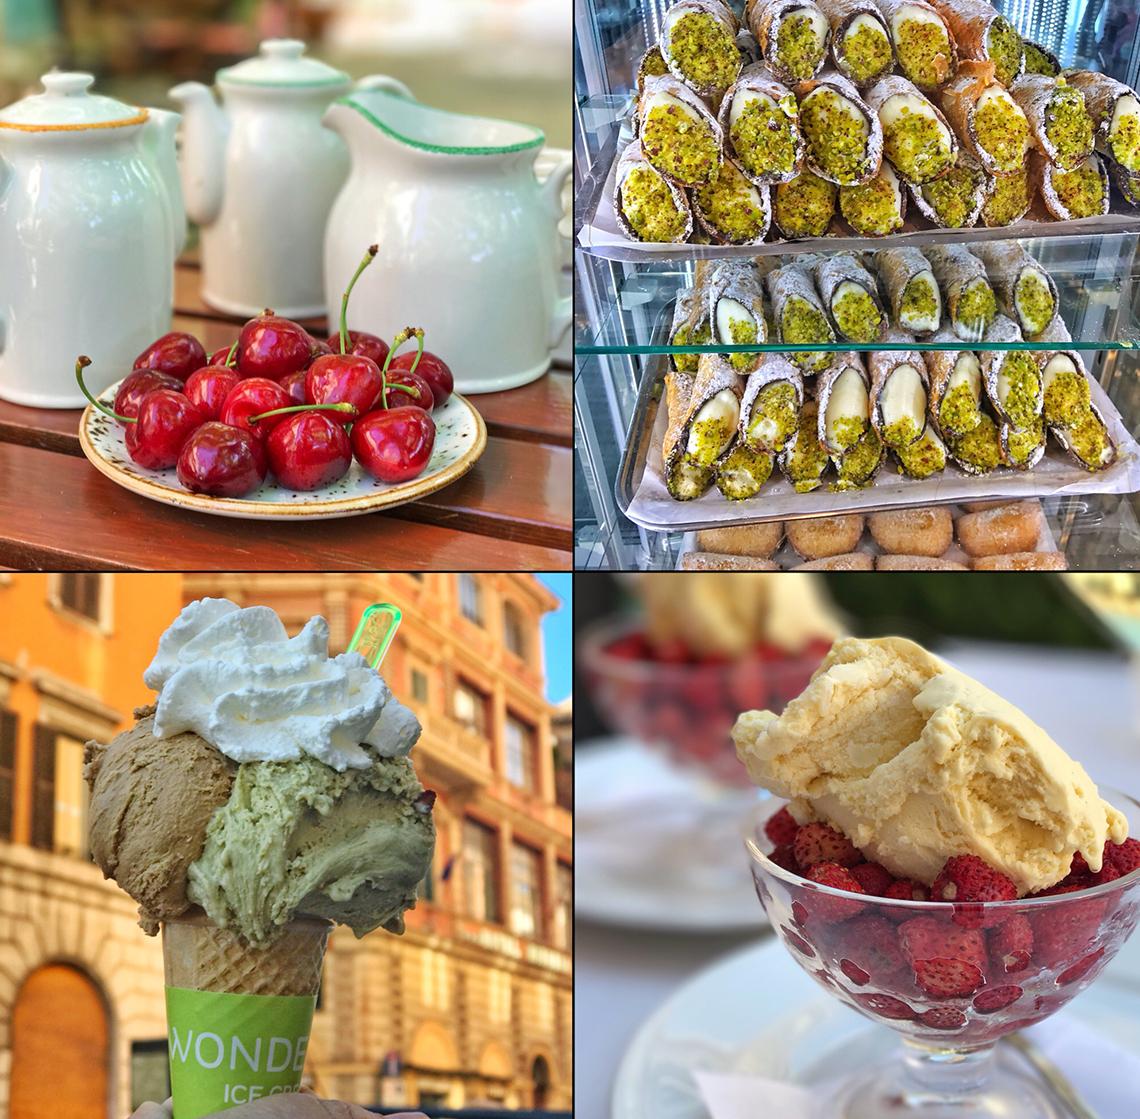 https://robert-parker-content-prod.s3.amazonaws.com/media/image/2018/01/02/231e58a5276b45ef997f1d628d0491d7_larner_2017_desserts.jpg